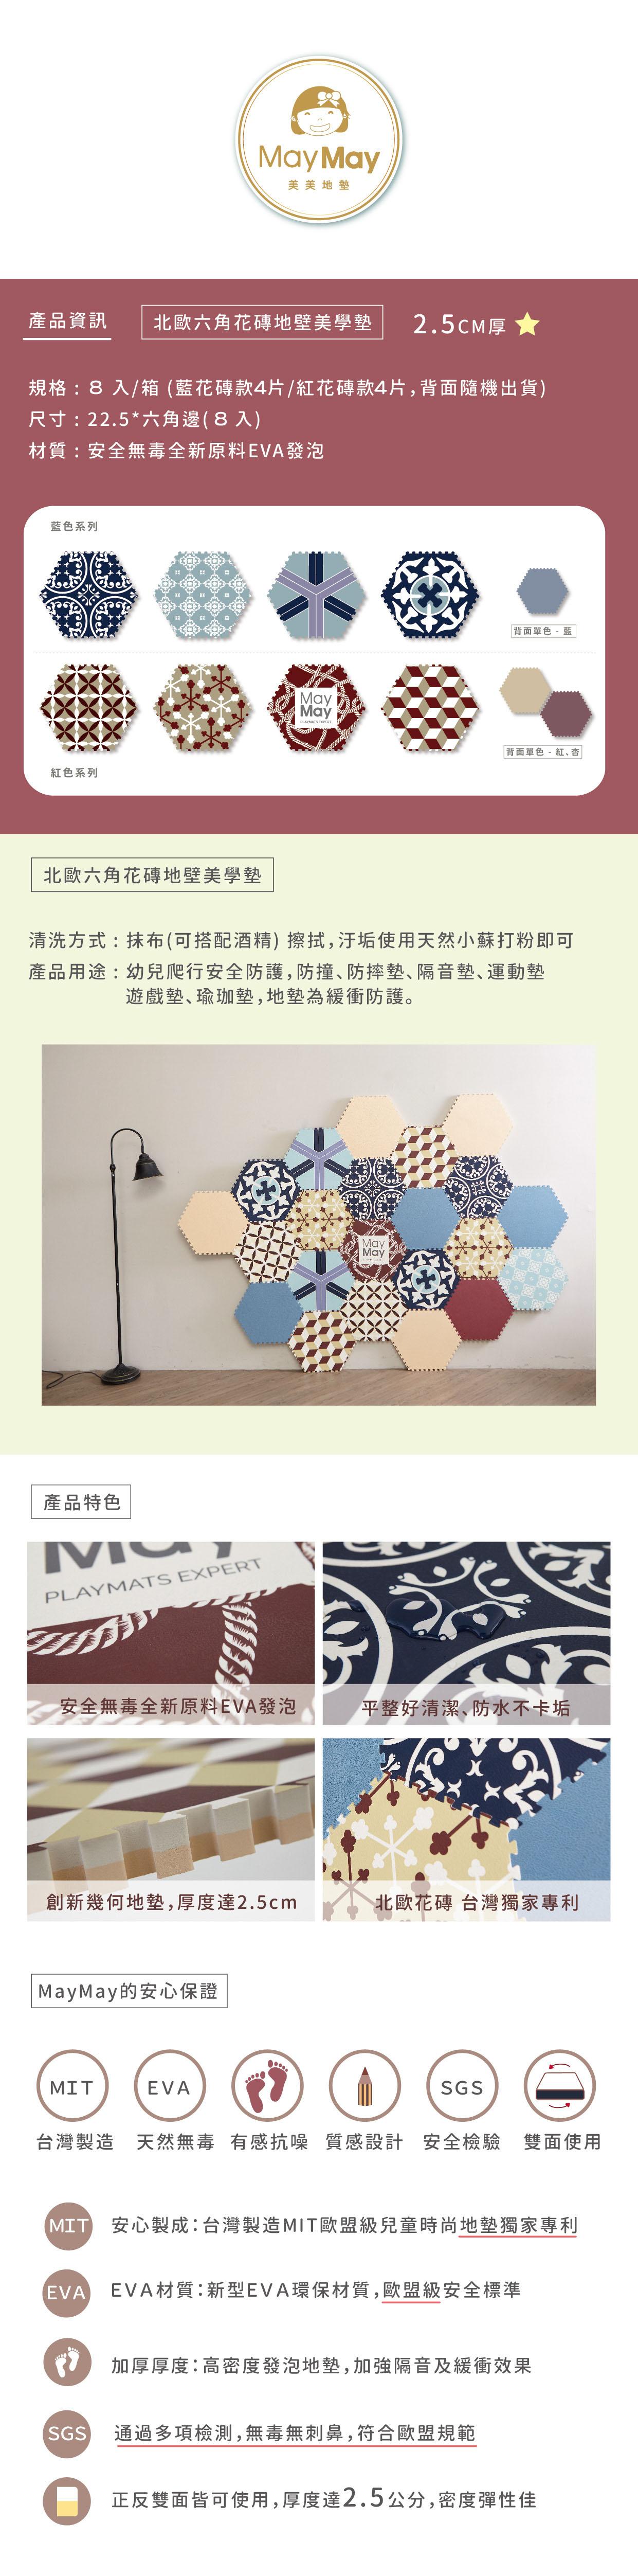 網頁產品介紹_六角花磚_工作區域_1_複本_8.jpg